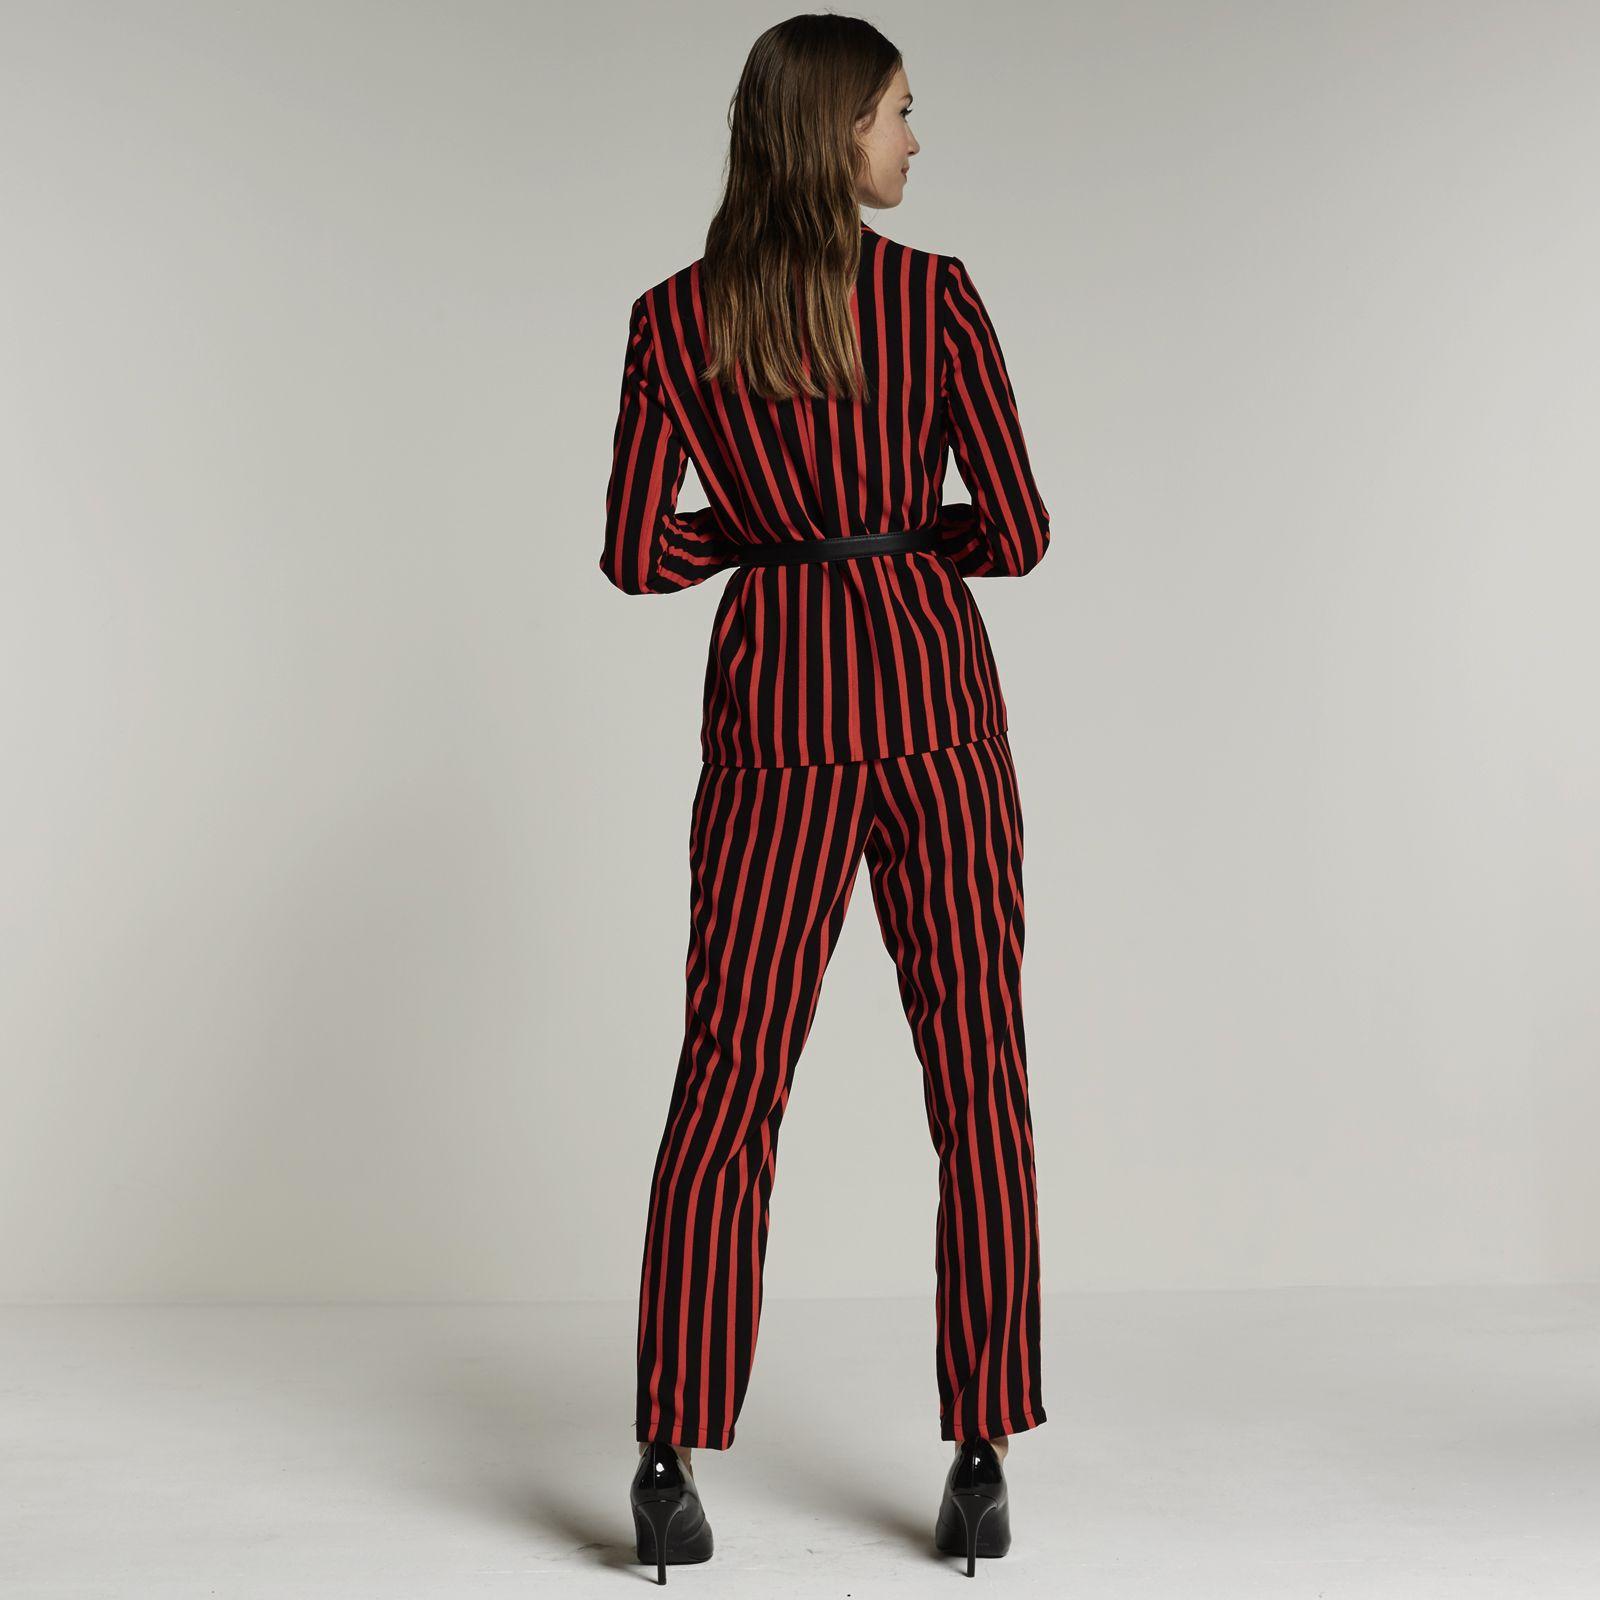 fabrieksoutlets enorme korting 2020 VERO MODA blazer en broek met streepdessin? Bestel nu bij ...